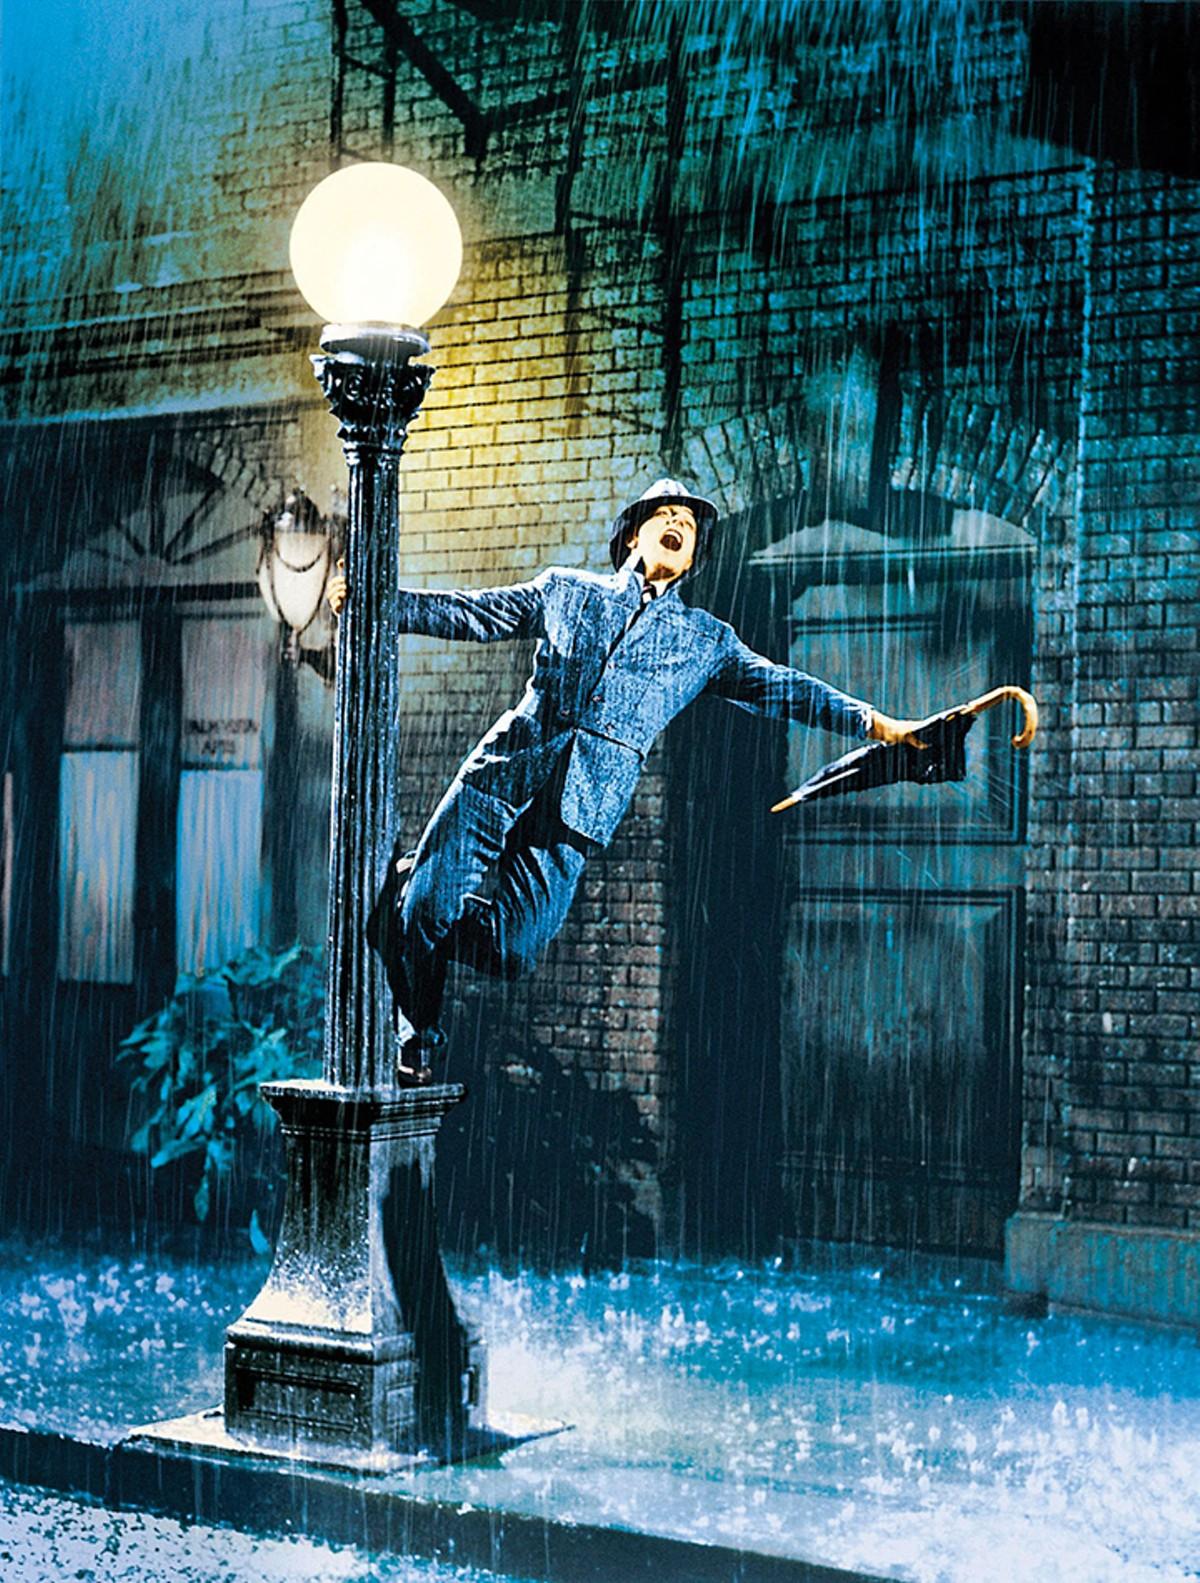 gal_singing_in_the_rain.jpg